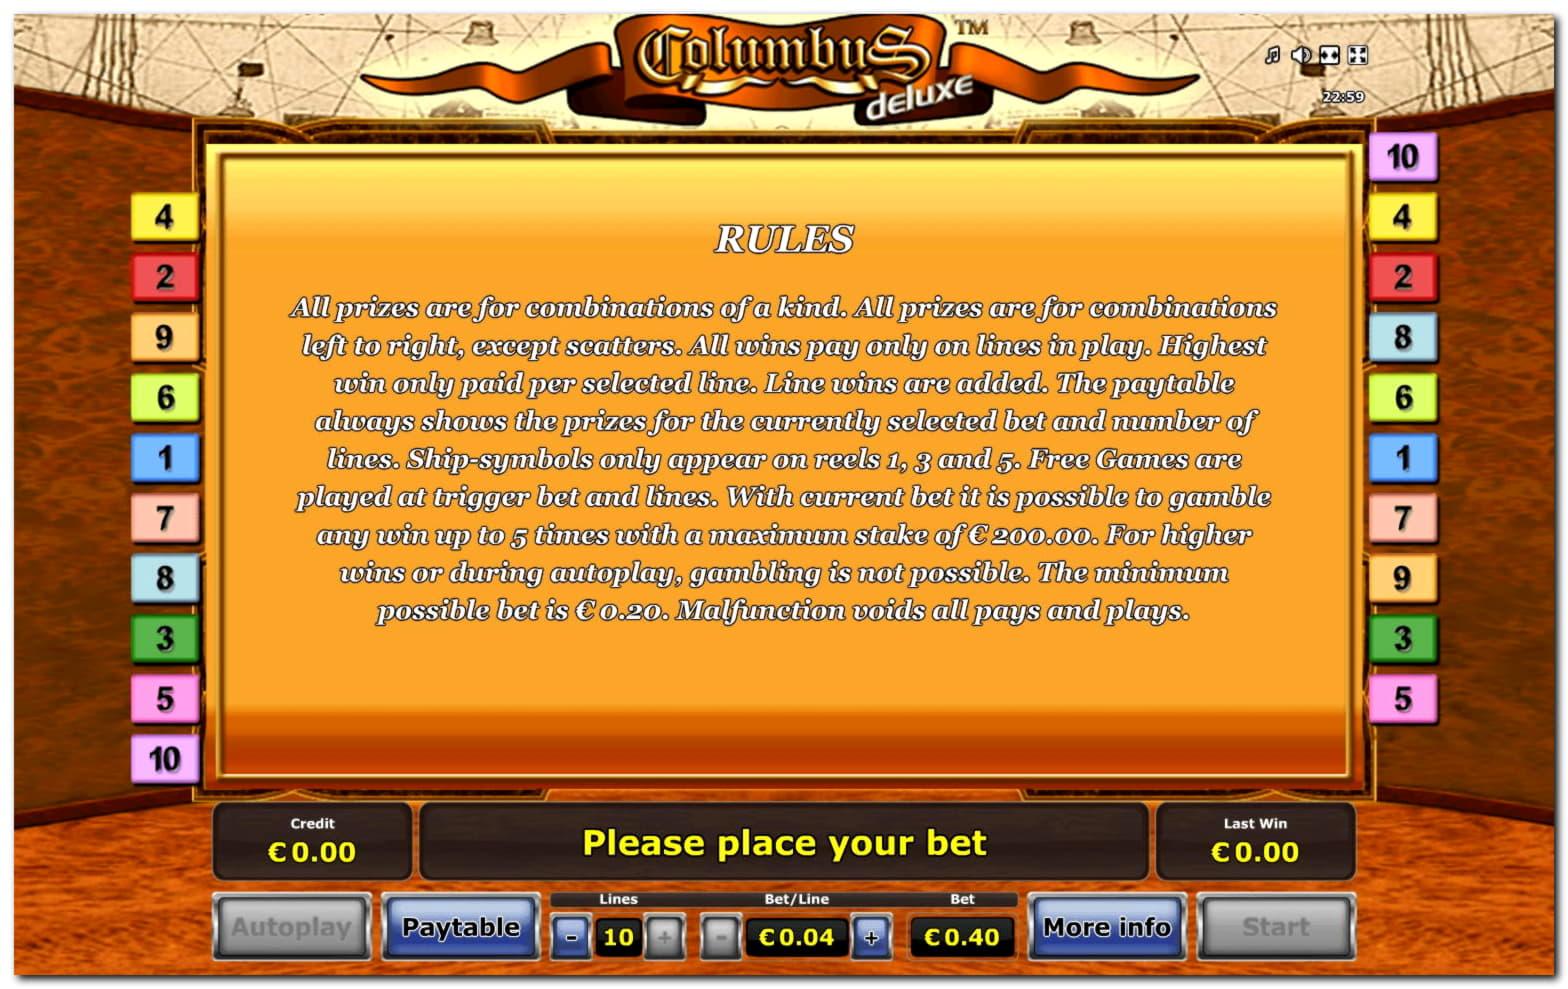 Eur 515 NO DEPOSIT at Wunderino Casino